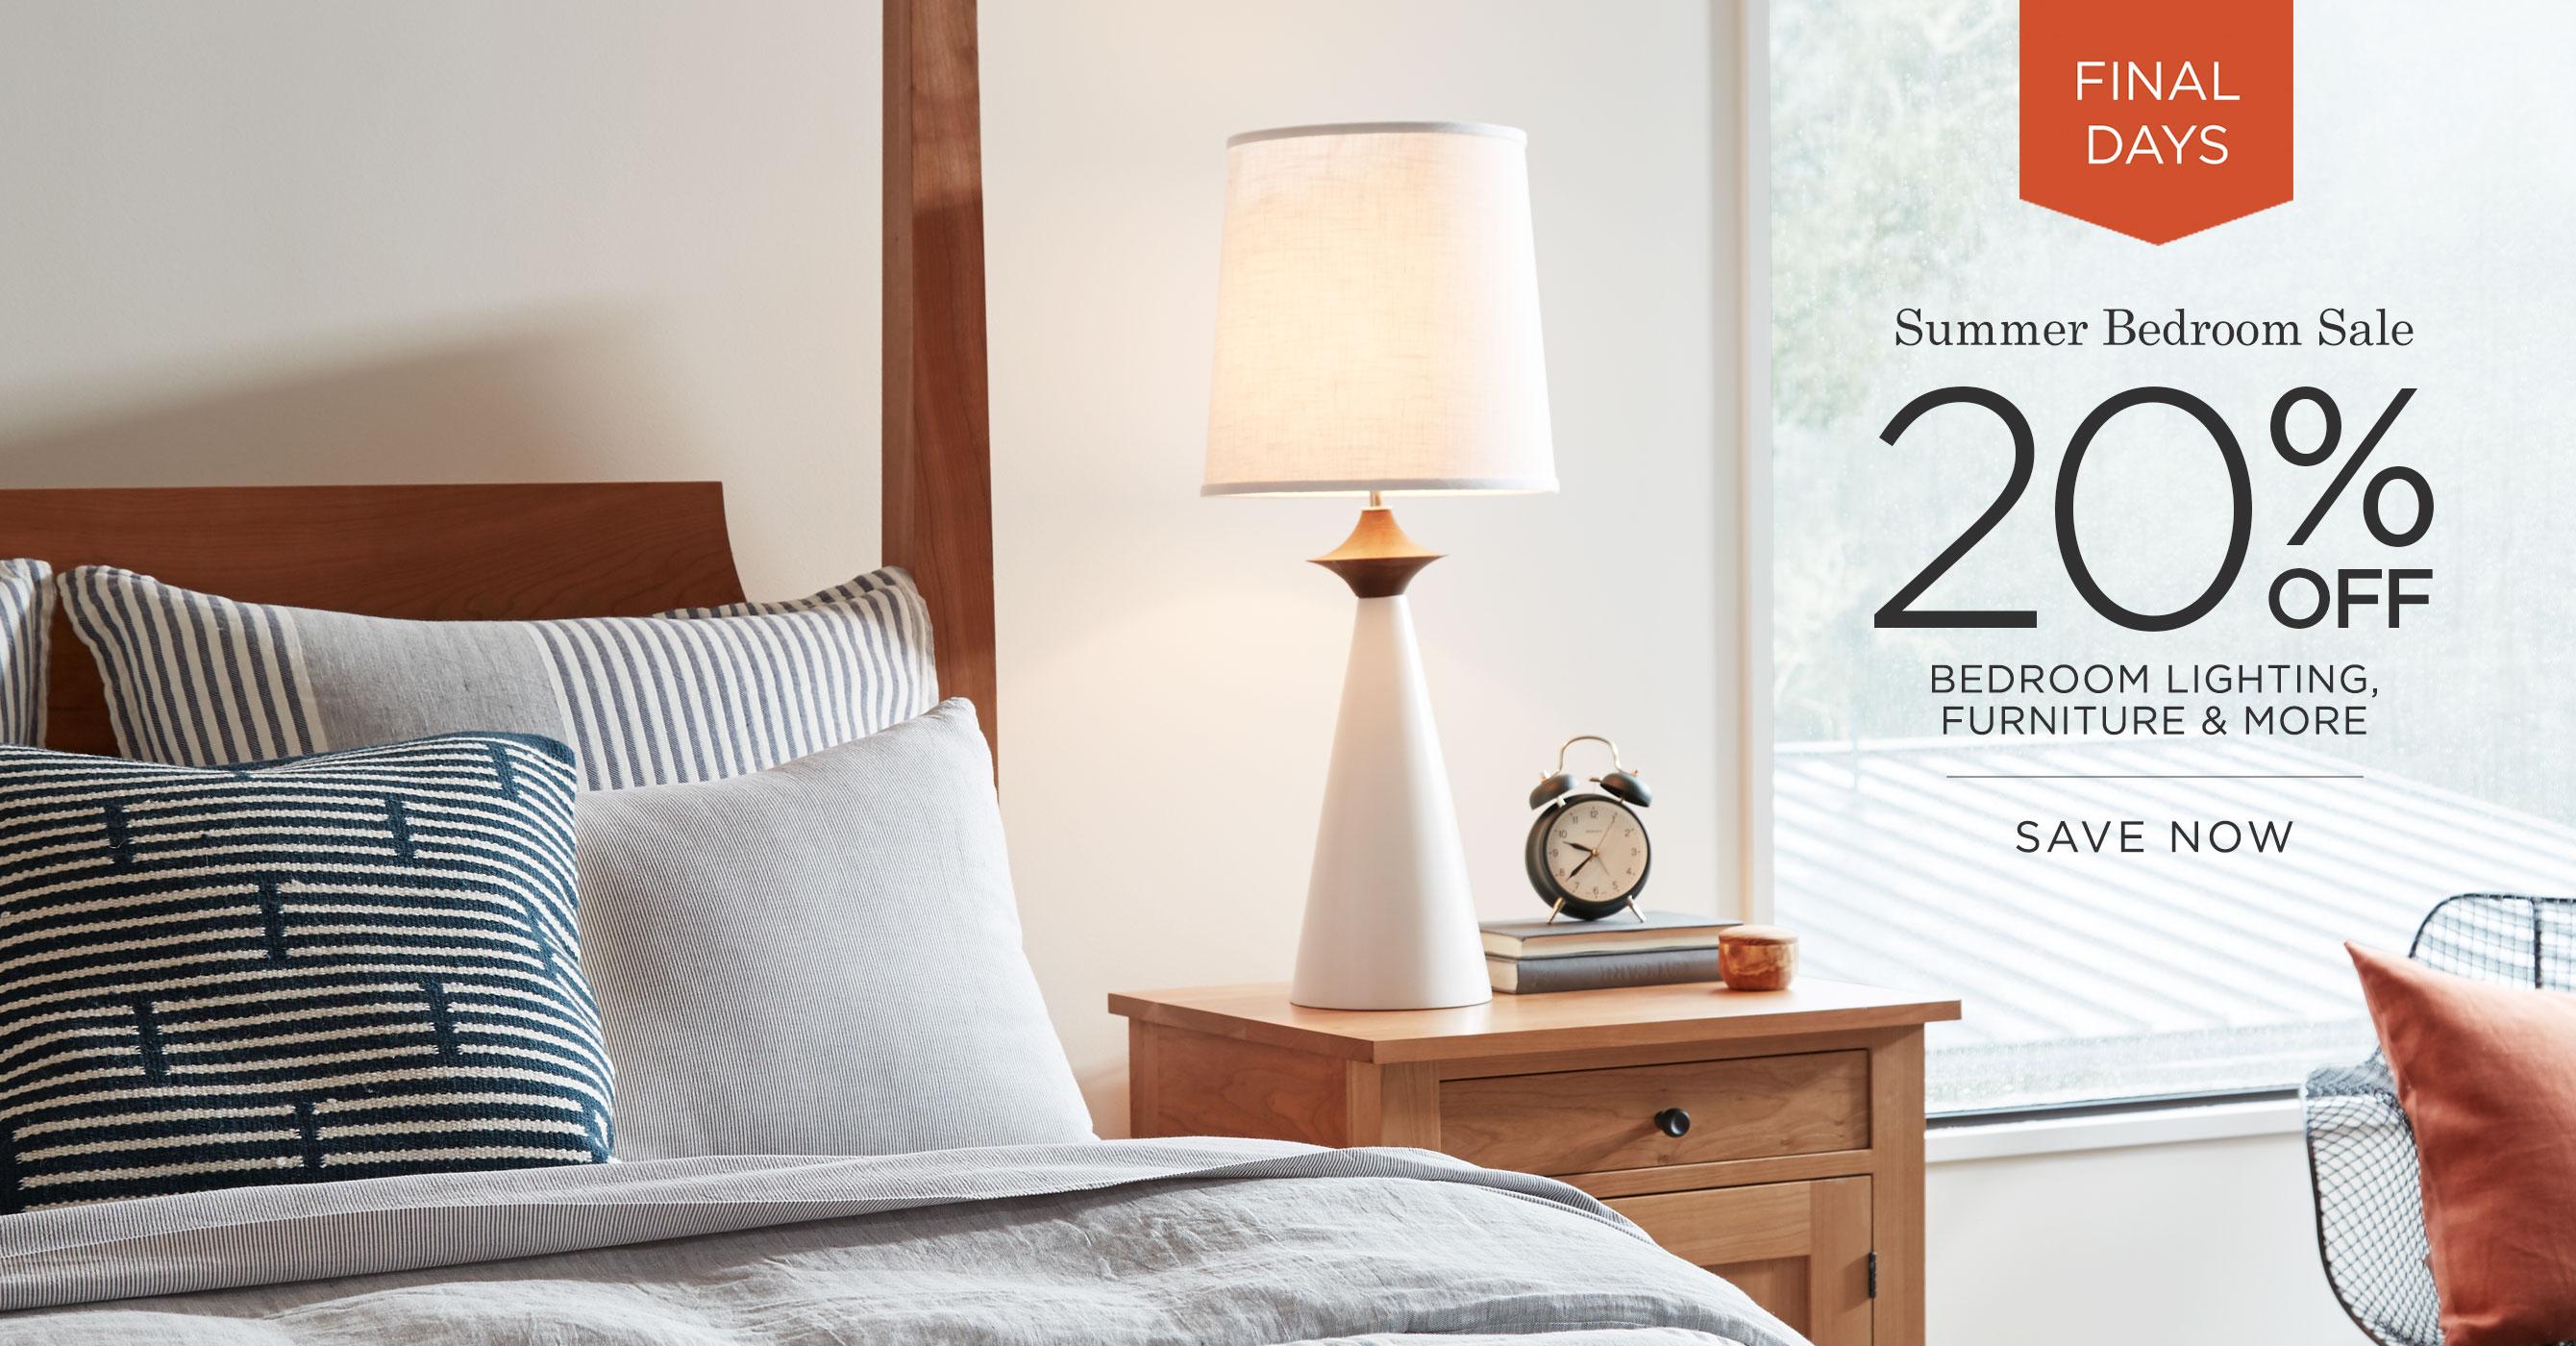 Summer Bedroom Sale